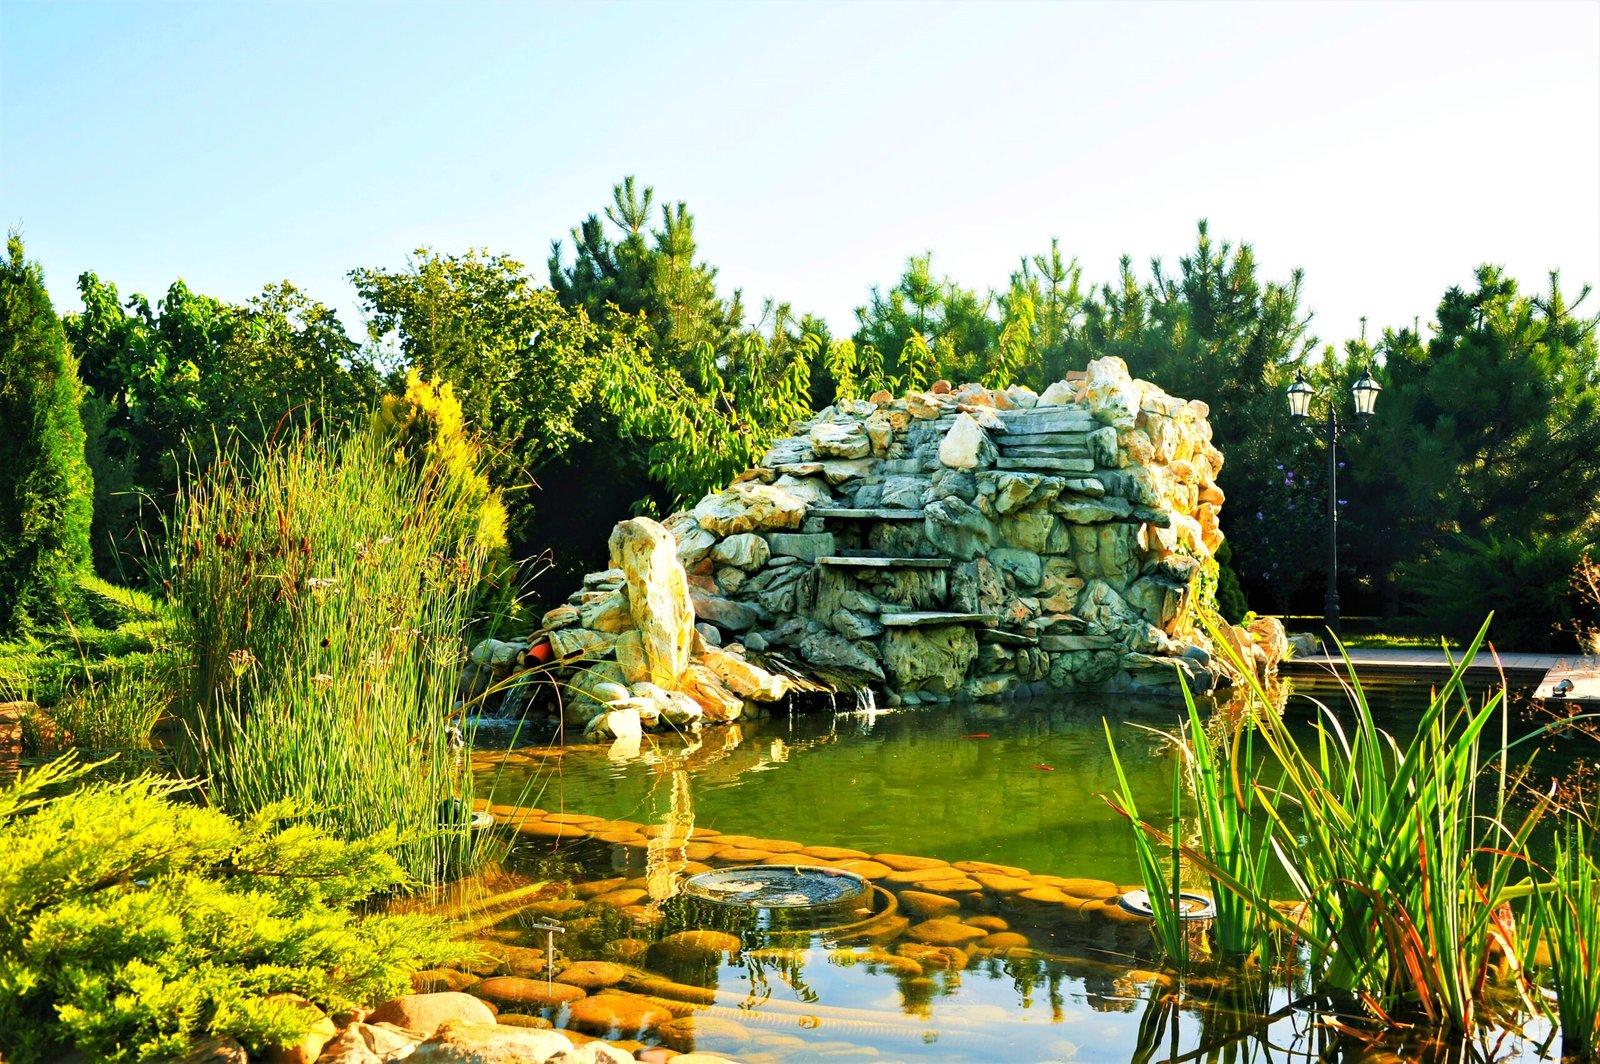 система подачи воды в пруд, водоем на участке, Почему стоит заказать создание пруда на участке у профессионалов, работа по организации пруда,